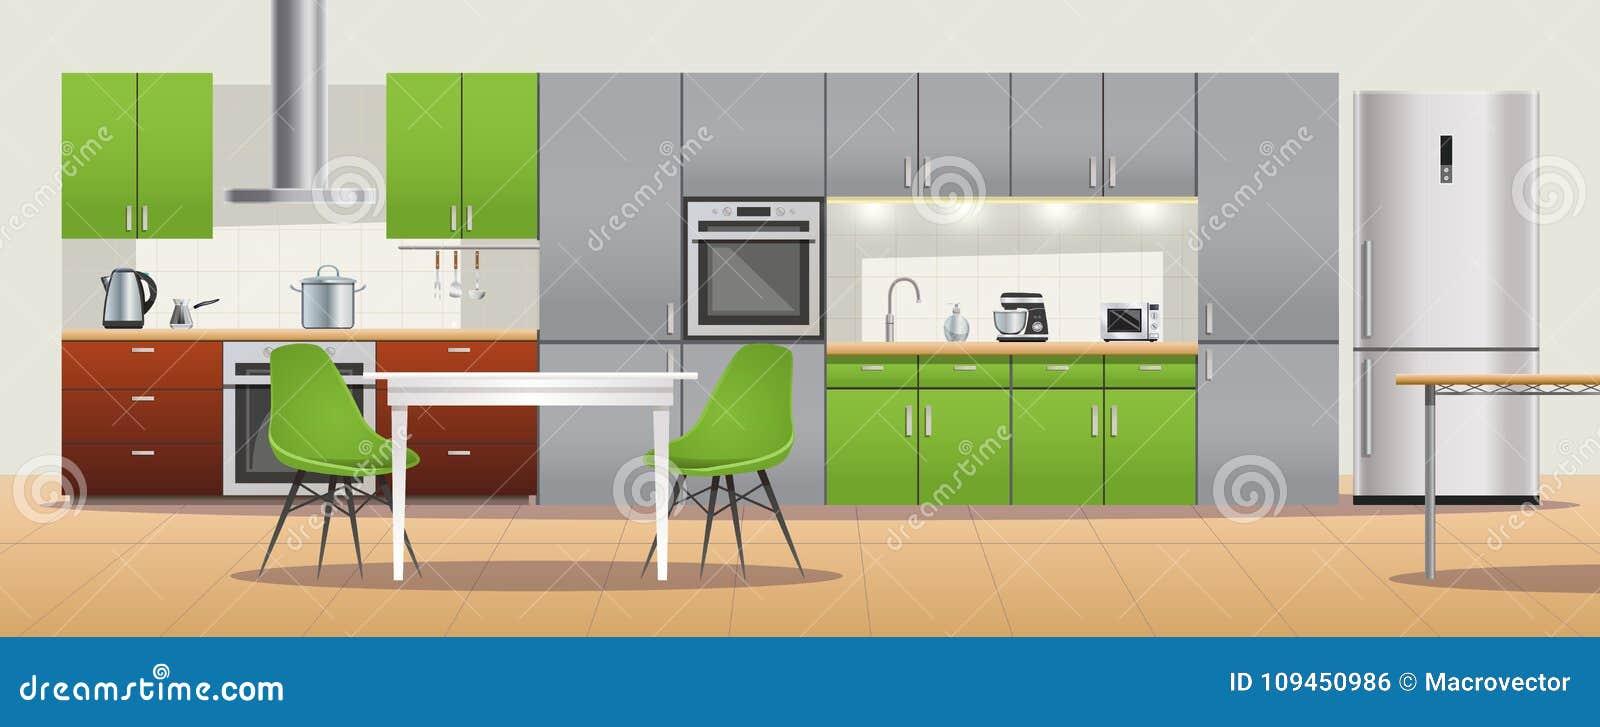 Modernes Küchen-Innenarchitektur-Plakat Vektor Abbildung ...